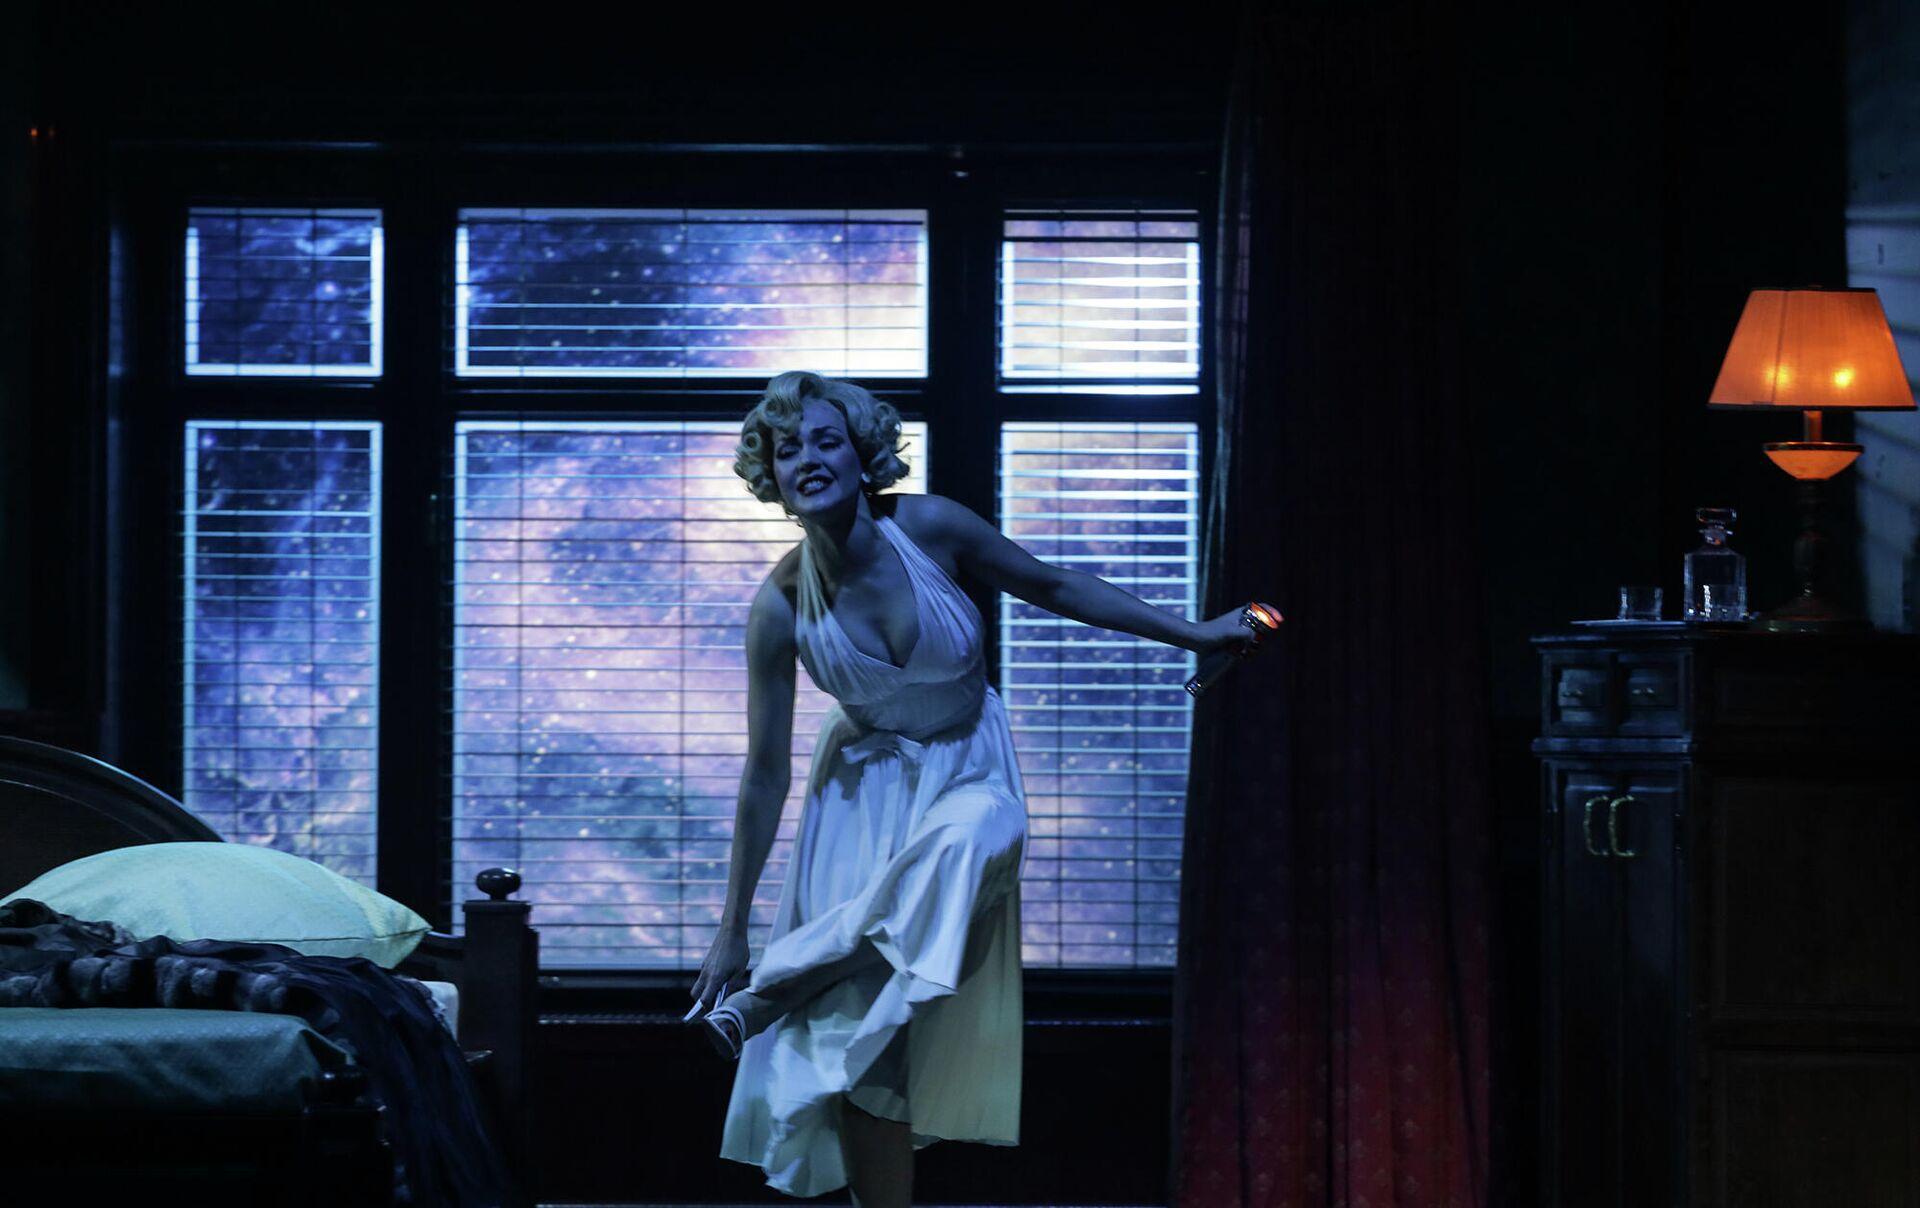 Анастасия Тимушкова в спектакле Ночь в отеле - РИА Новости, 1920, 30.09.2021